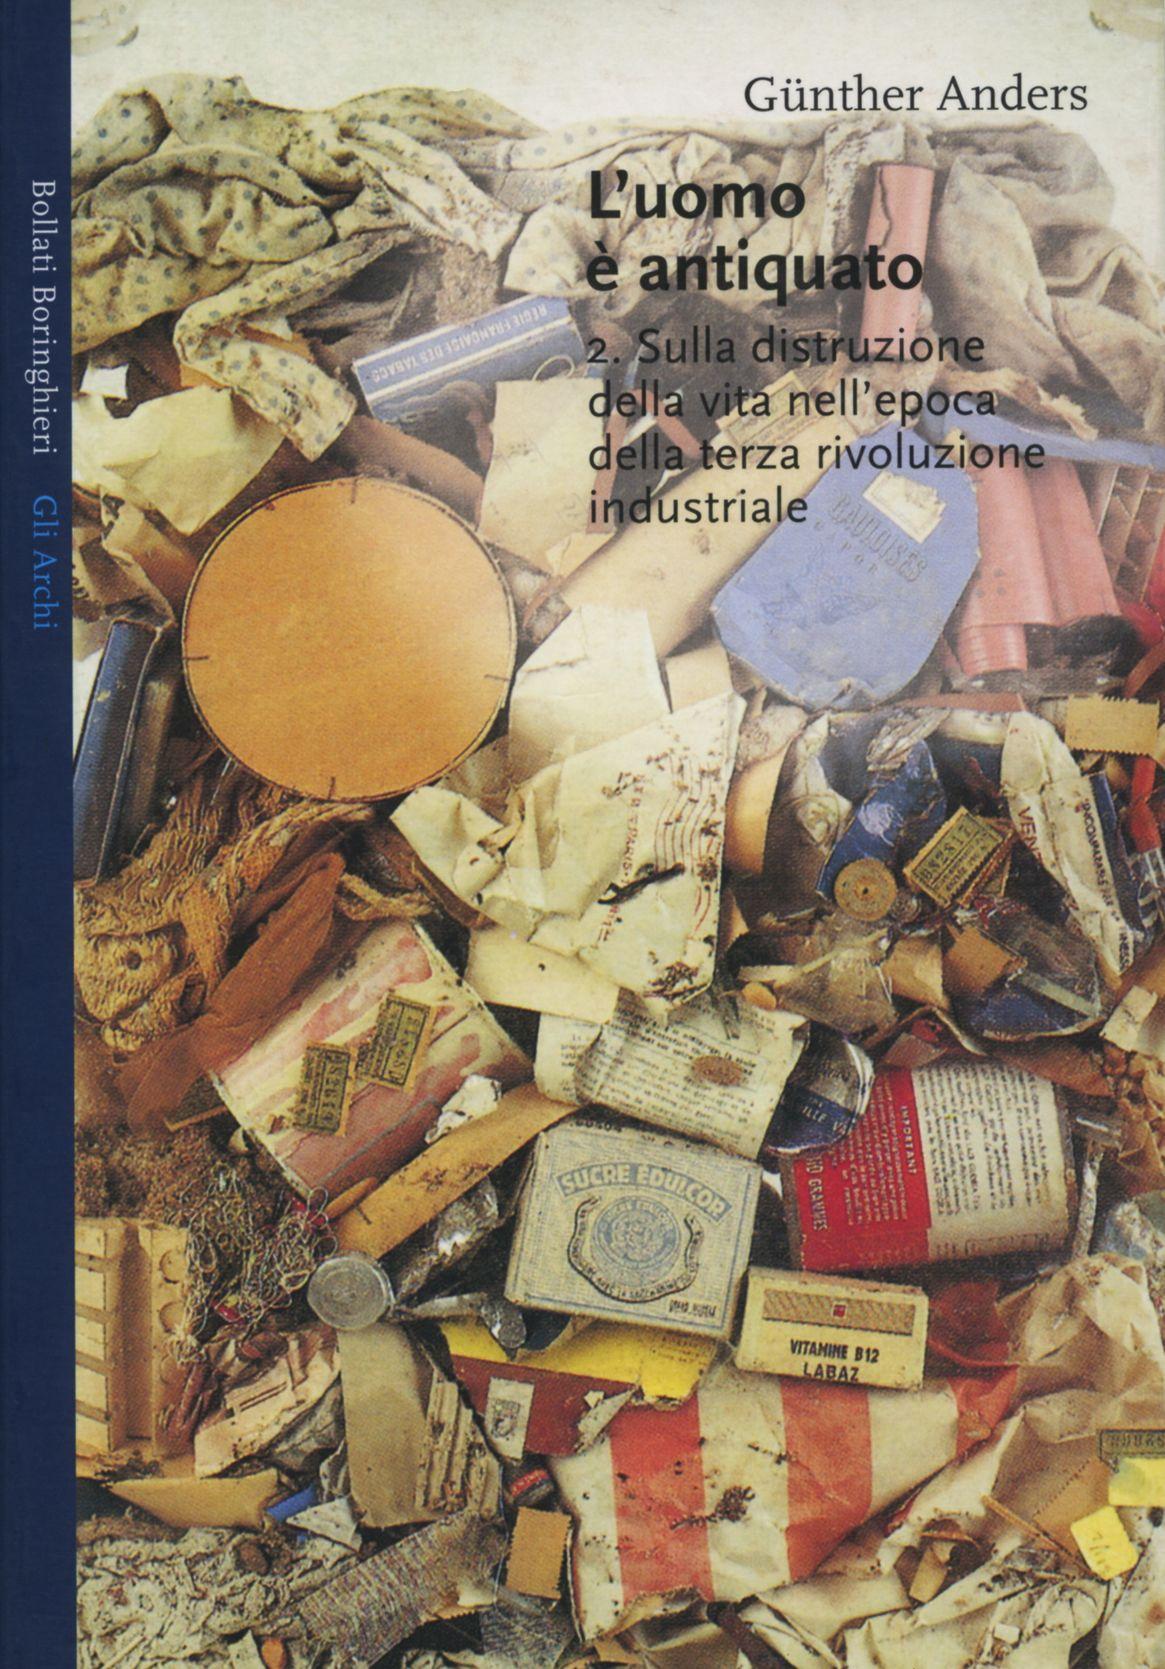 Günther Anders, L'uomo è antiquato. Vol. 2: Sulla distruzione della vita  nell'epoca della terza rivoluzione industriale…   Bolle, Industriale,  Rivoluzione